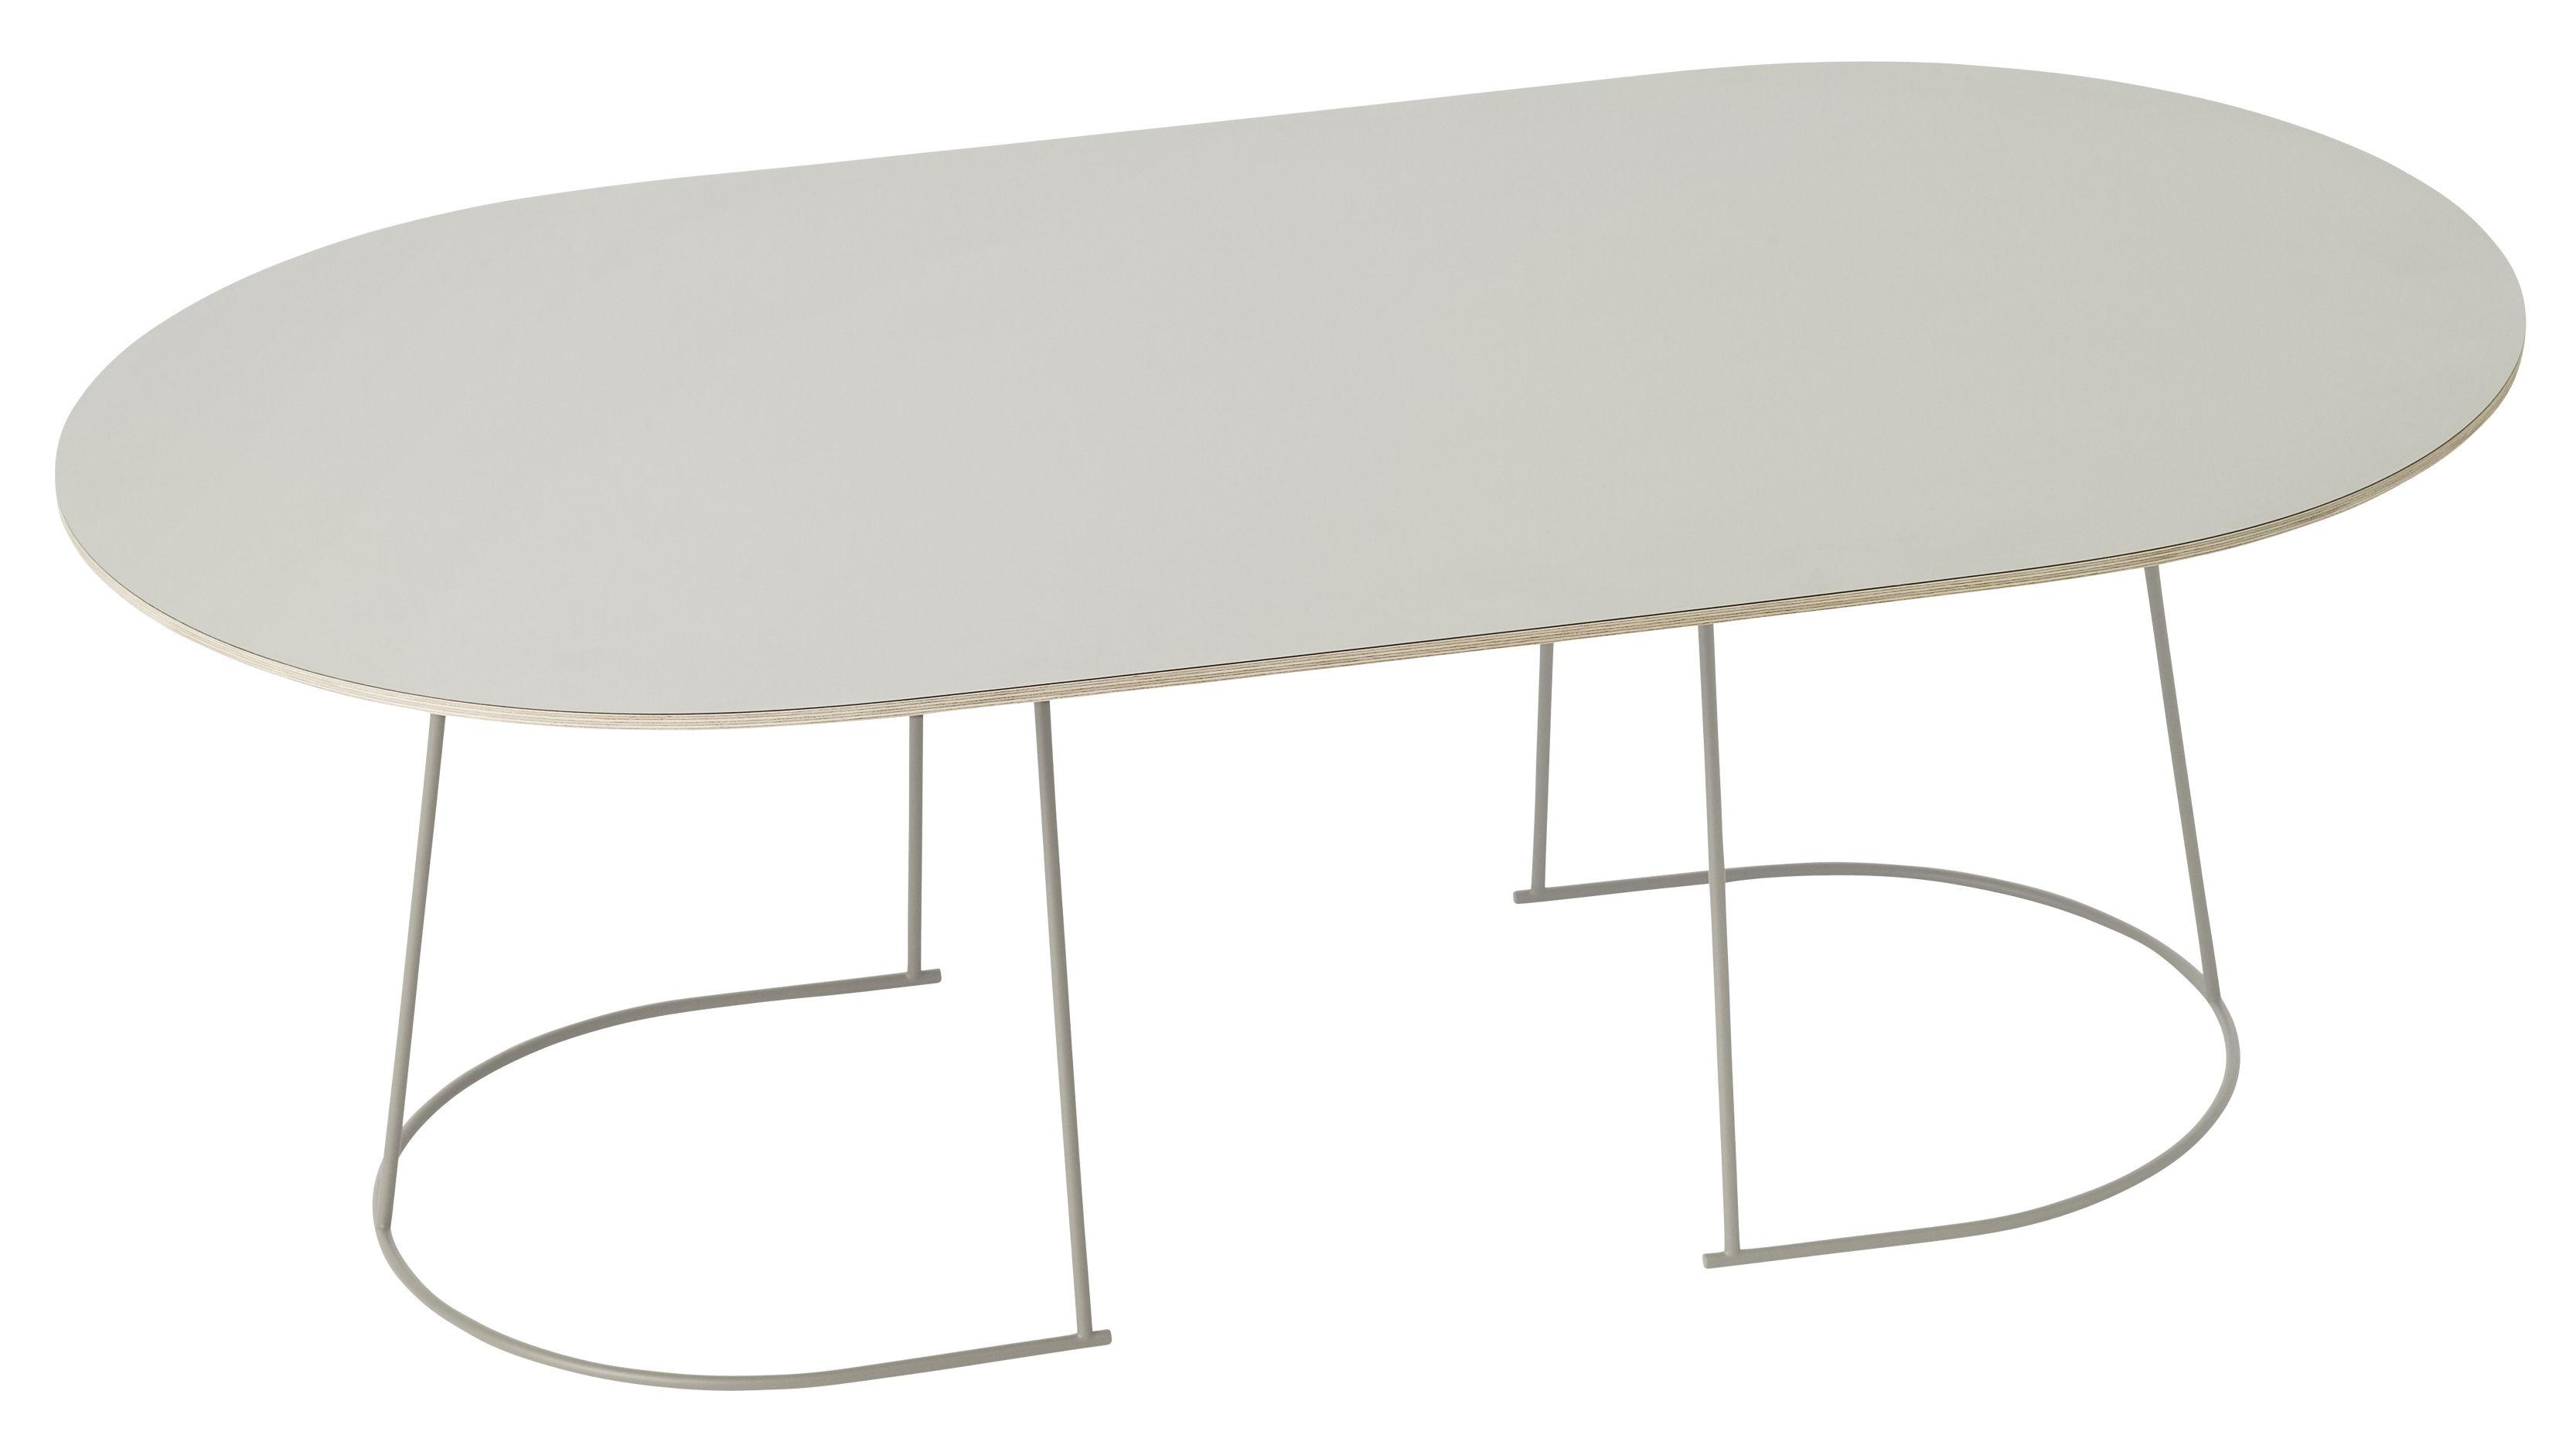 Mobilier - Tables de chevet - Table basse Airy / Large - 120 x 65 cm - Muuto - Gris - Acier peint, Contreplaqué, Stratifié